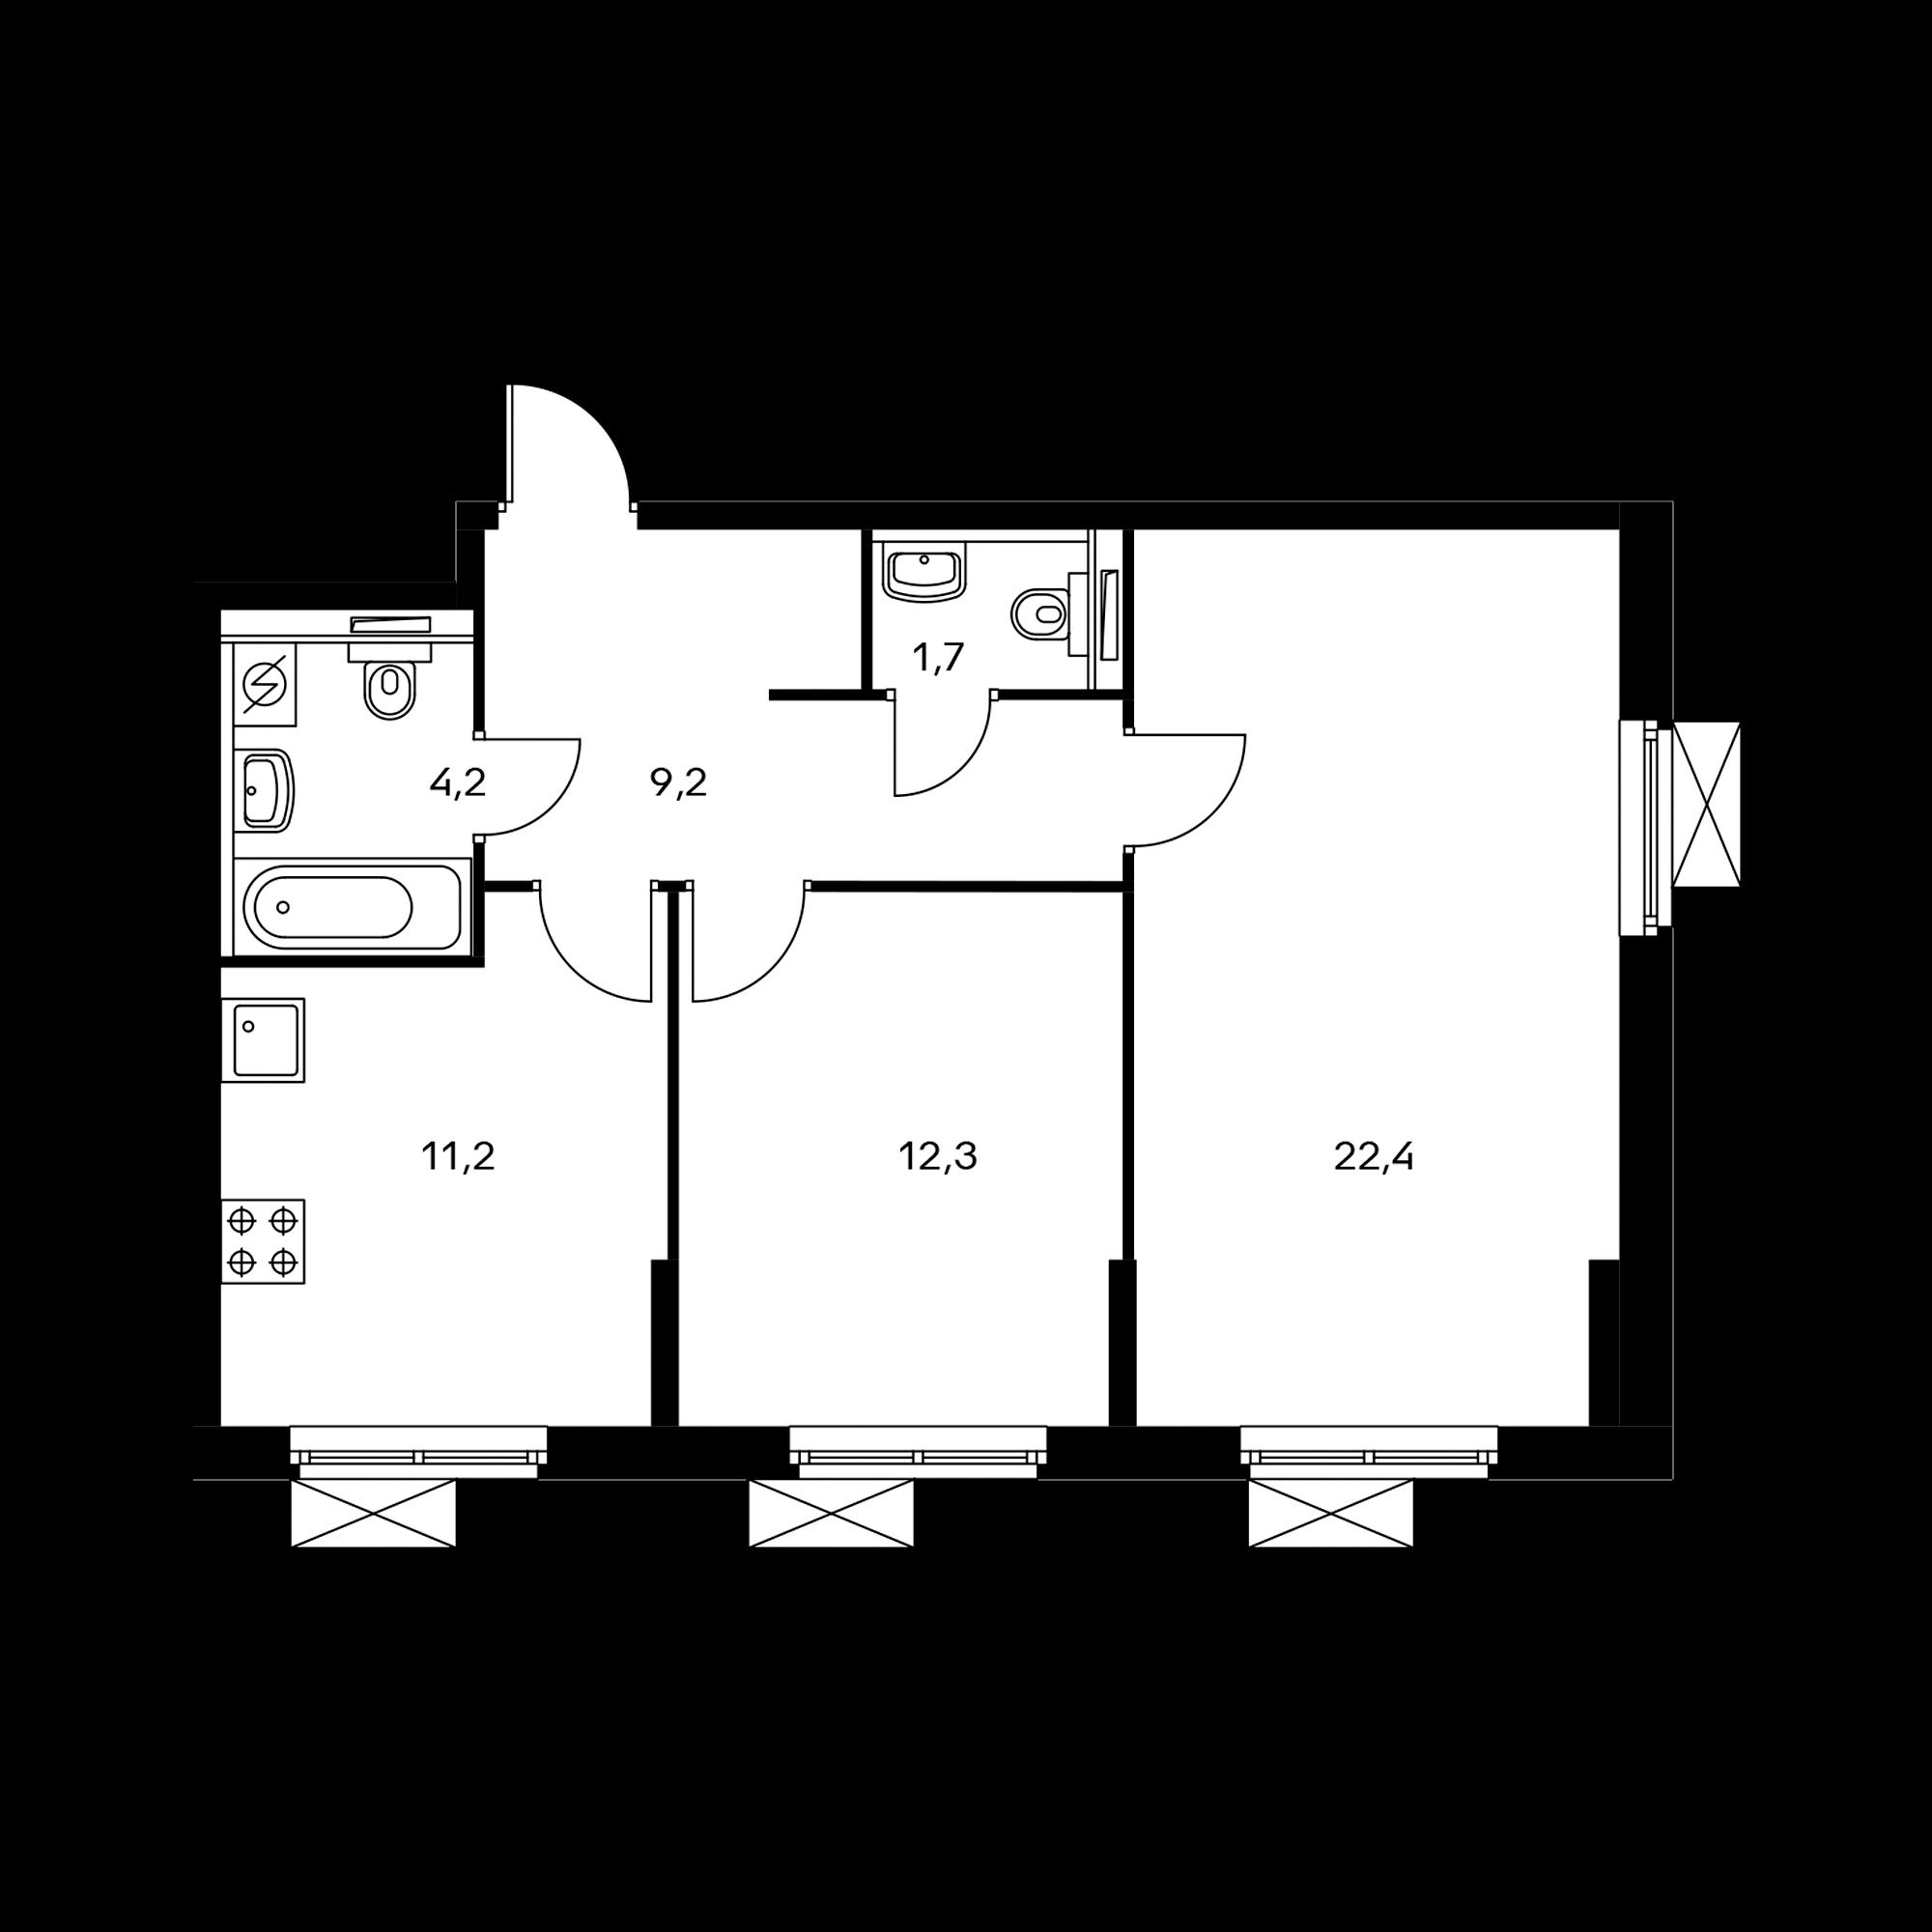 2KM6_10.2-1_T_Z